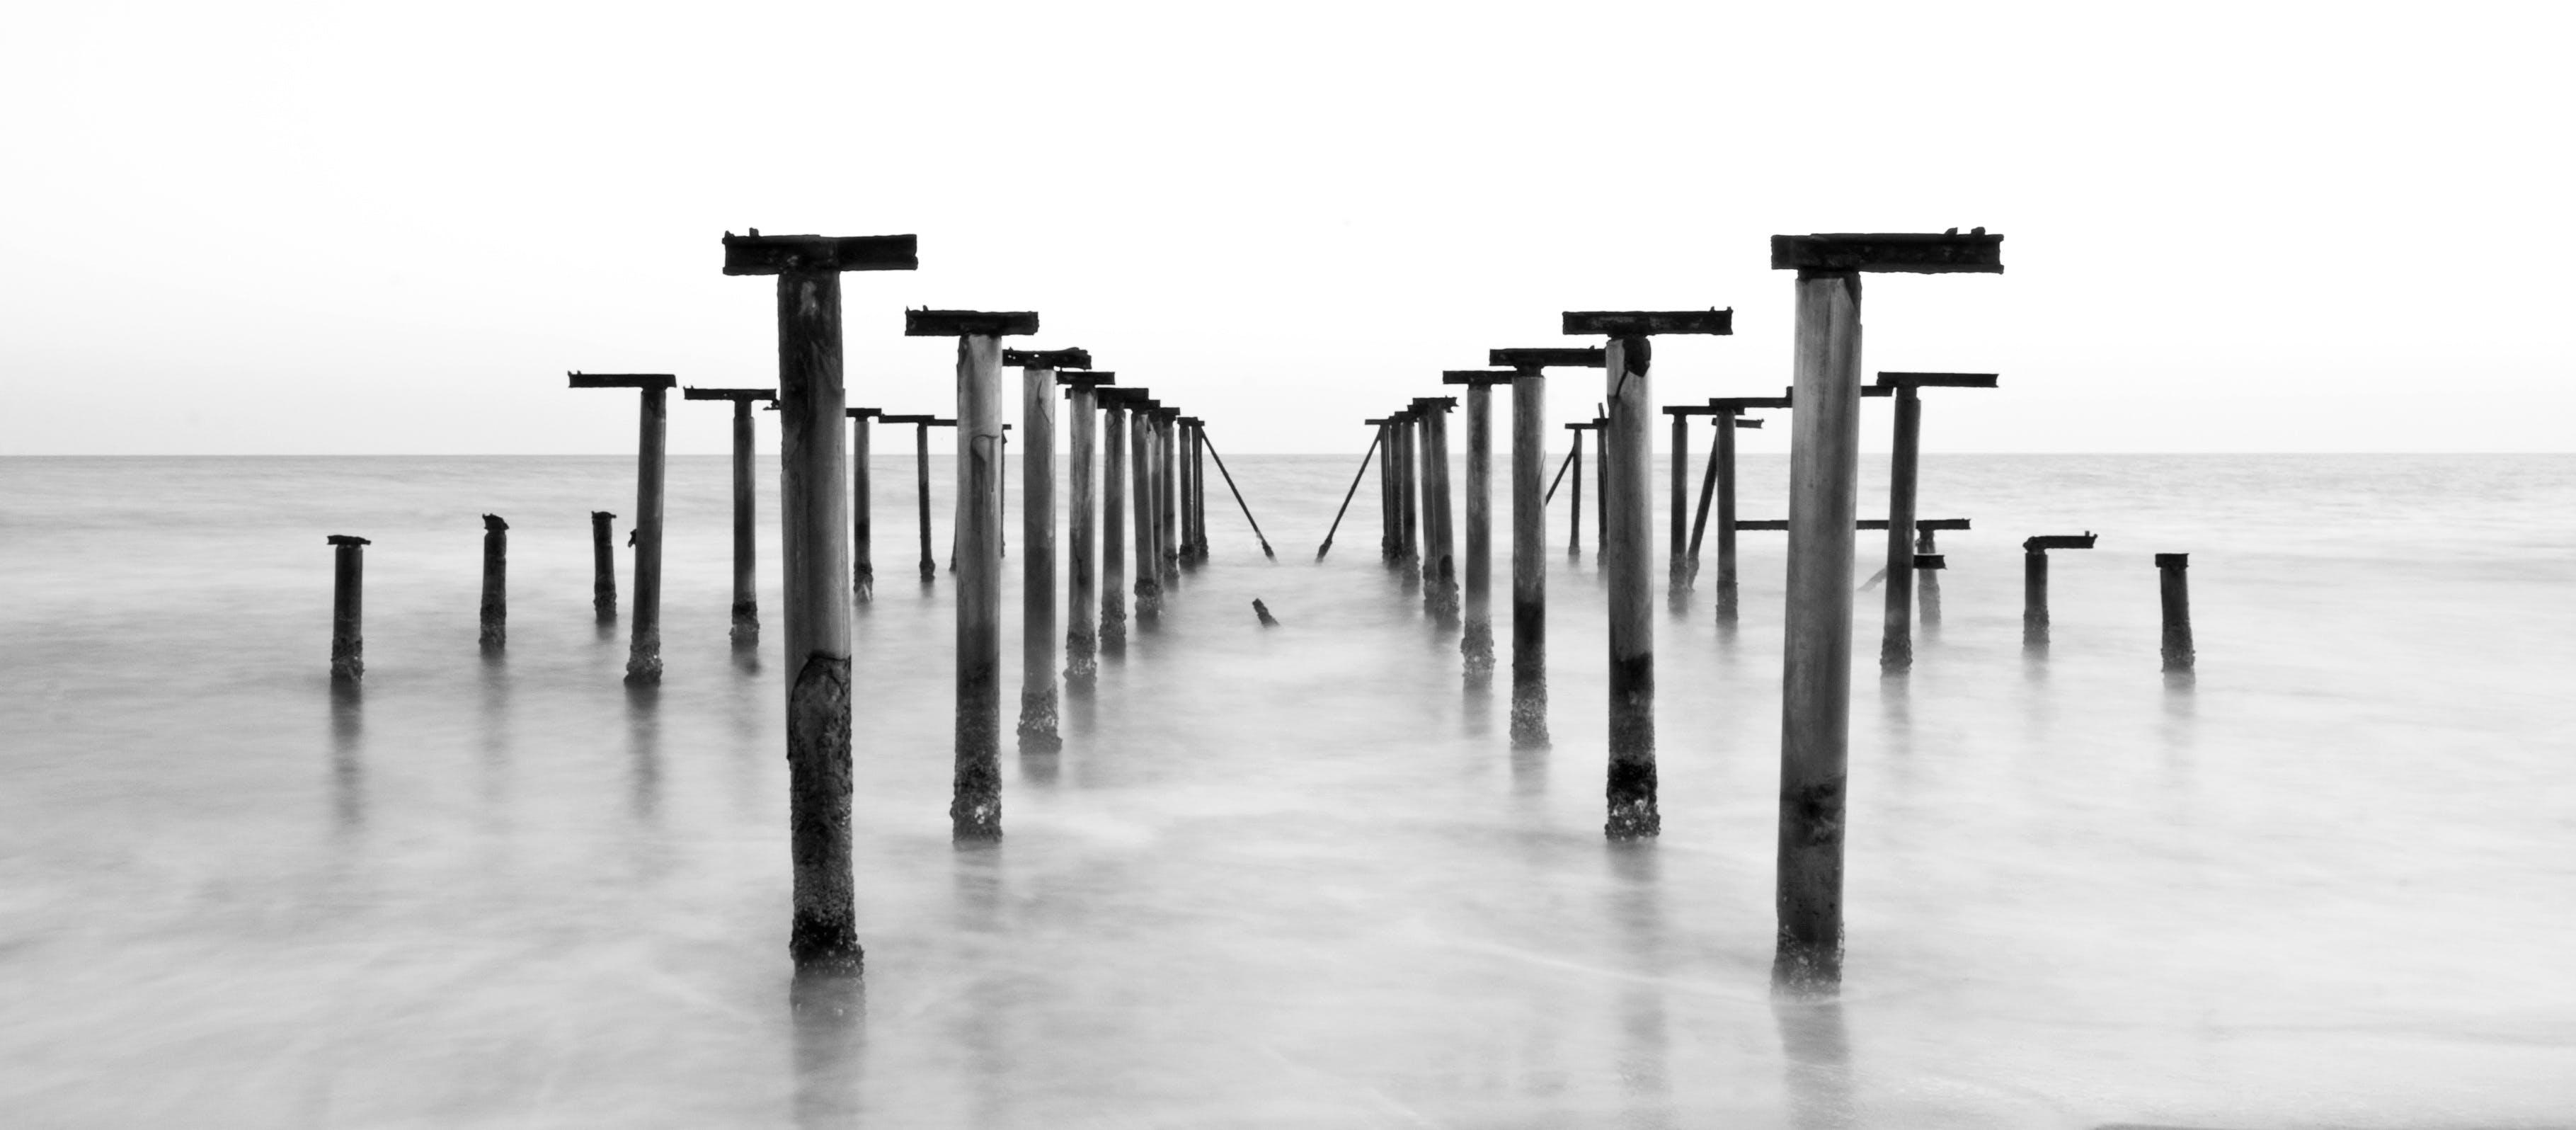 çelik, çevresel, deniz, deniz manzarası içeren Ücretsiz stok fotoğraf